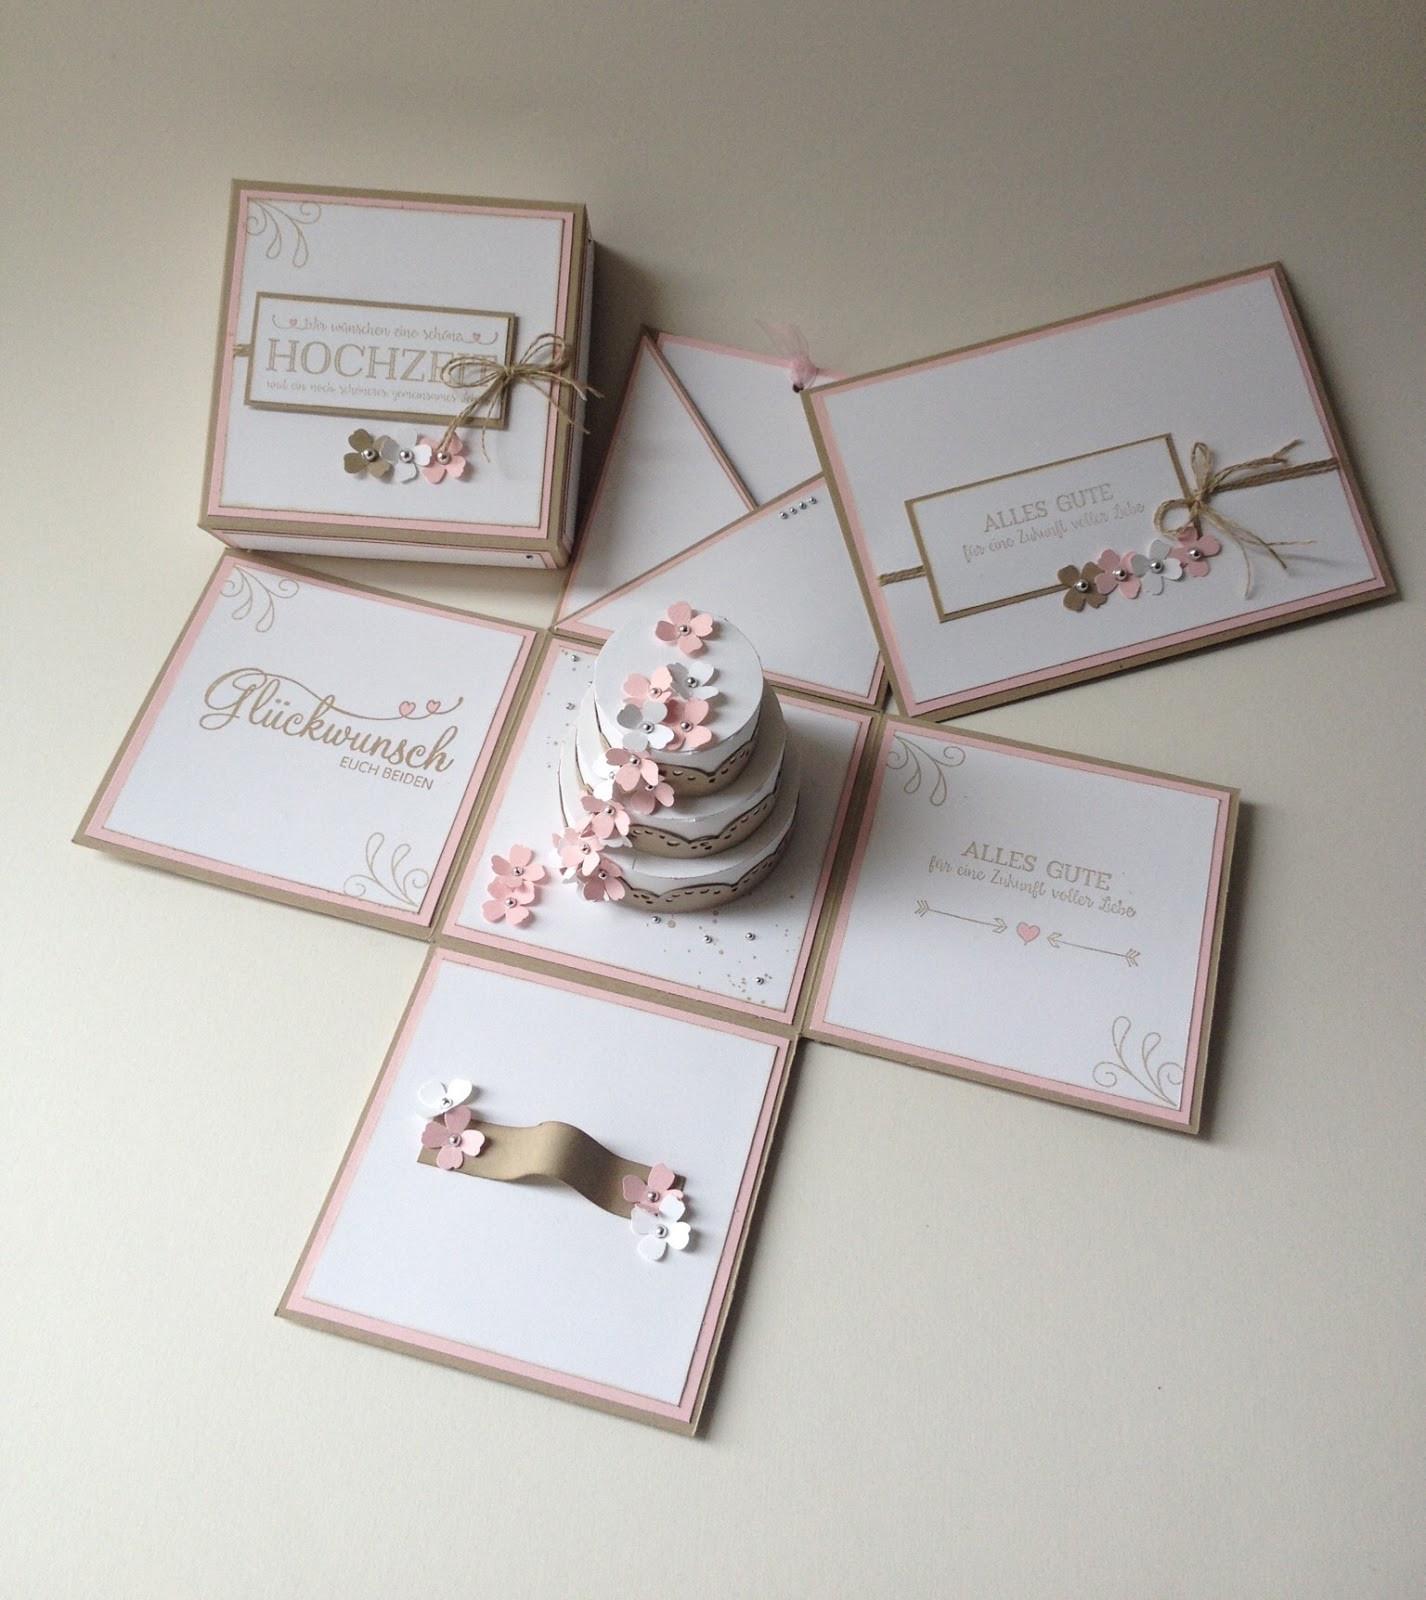 Explosionsbox Hochzeit Anleitung  Stempellicht Explosionsbox zur Hochzeit mit Torte